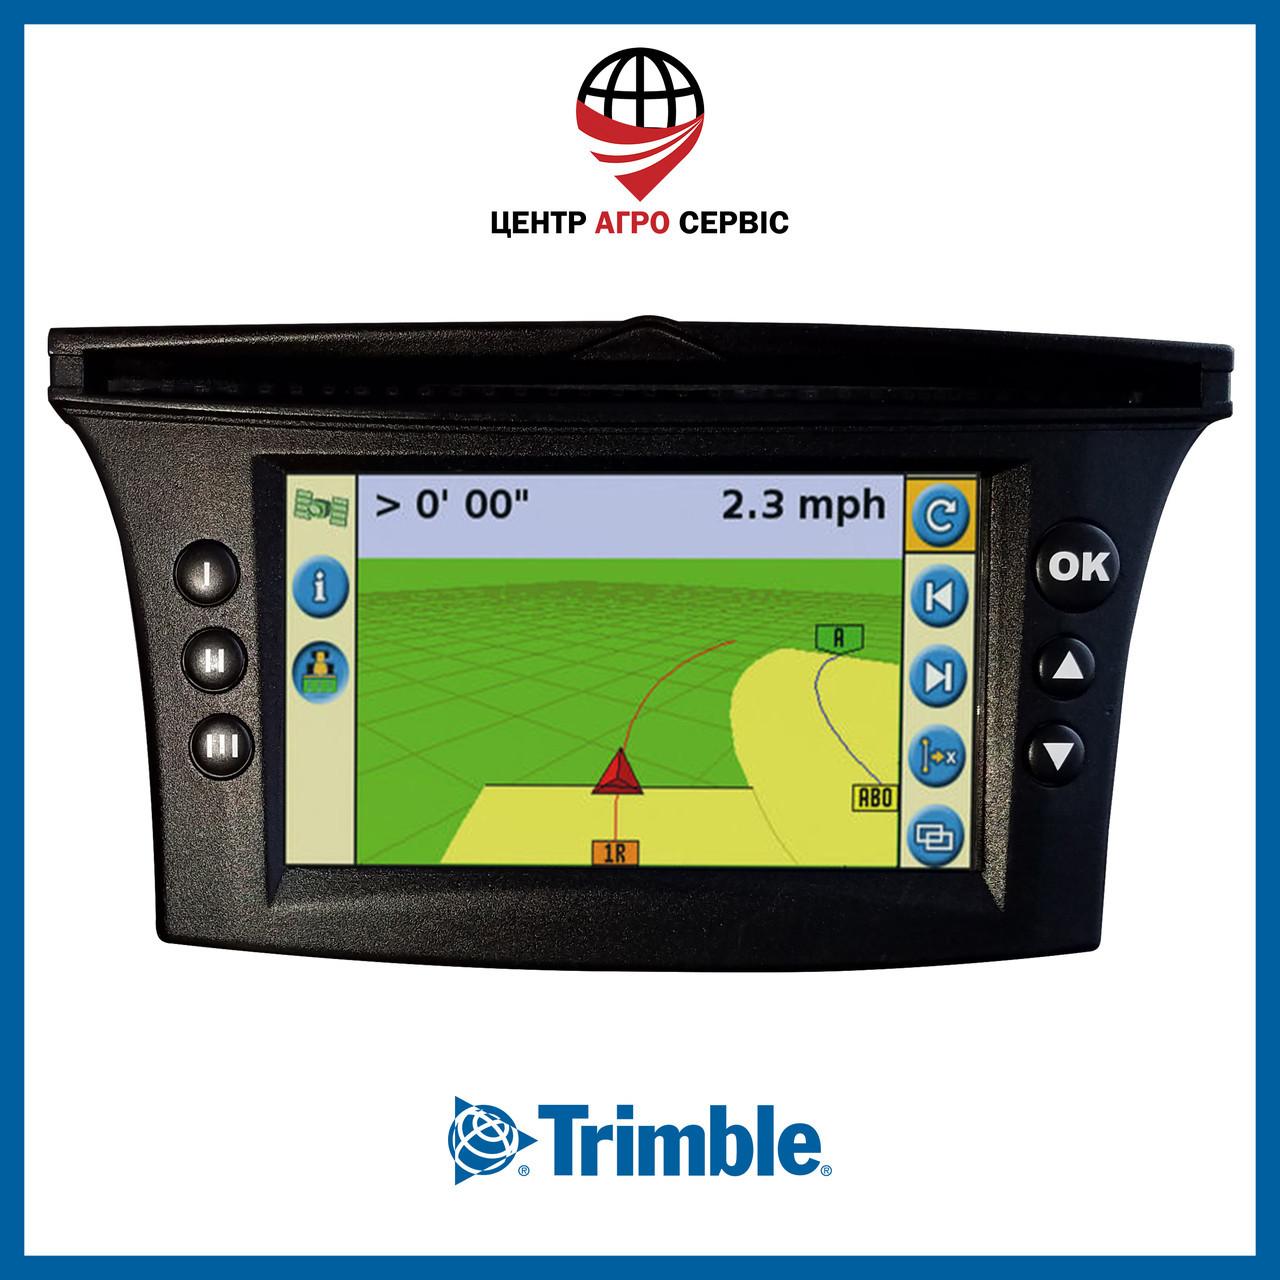 Курсоуказатель для трактора Trimble Ez Guide 500 (Case 500, New Holland 500)